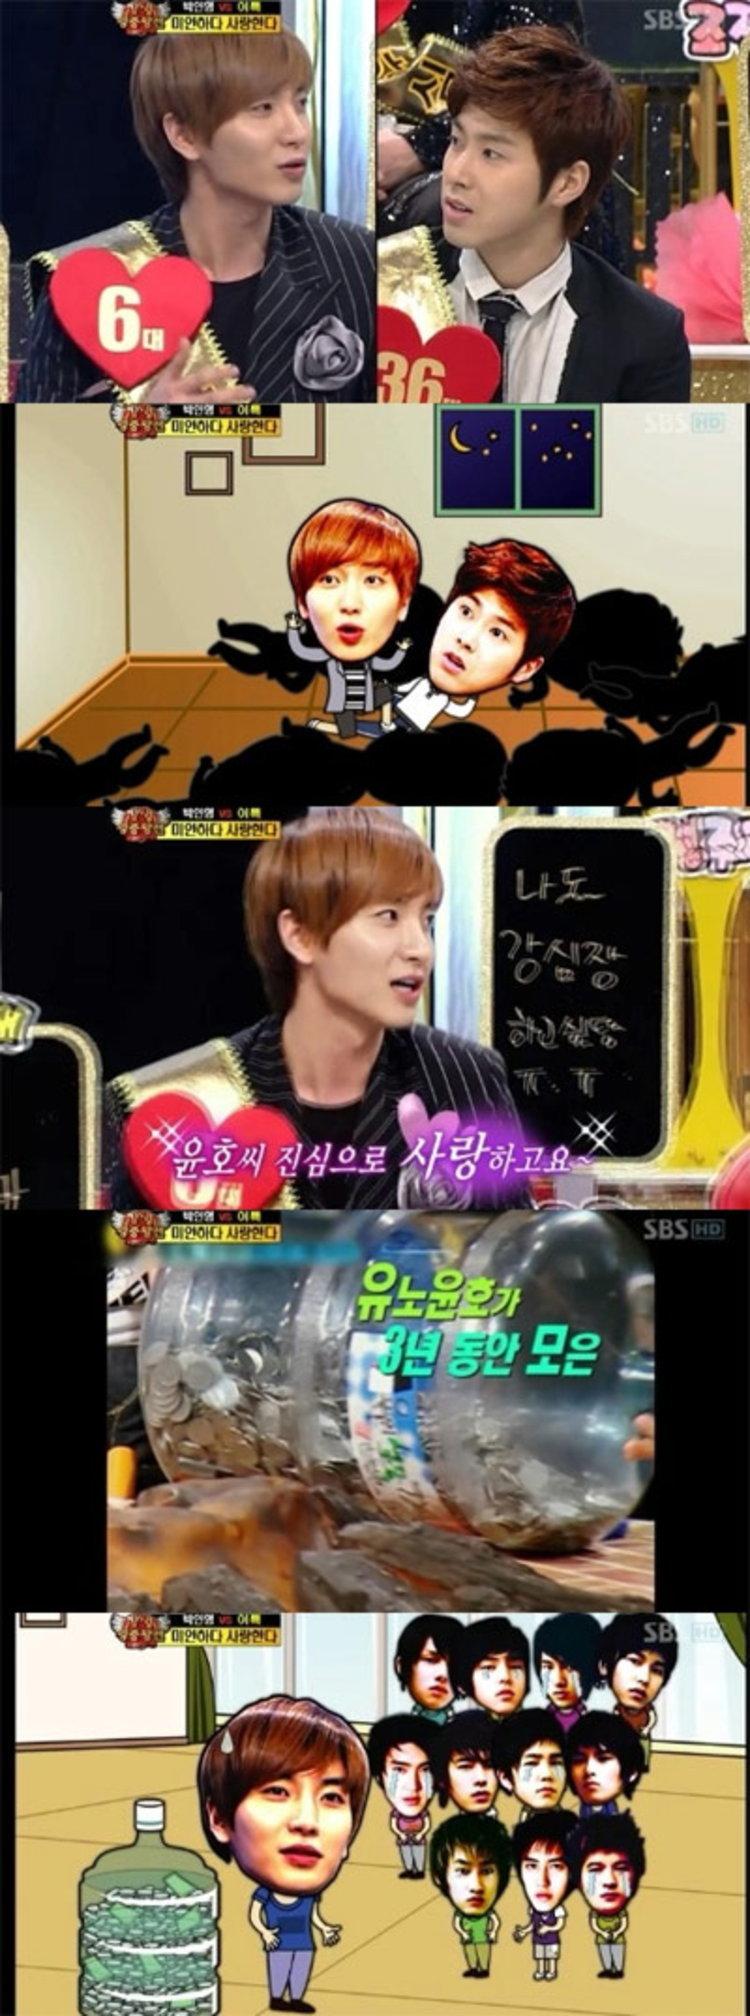 อีทึก SJ ขอโทษ ยุนโฮ TVXQ! จากเหตุการณ์ในอดีต